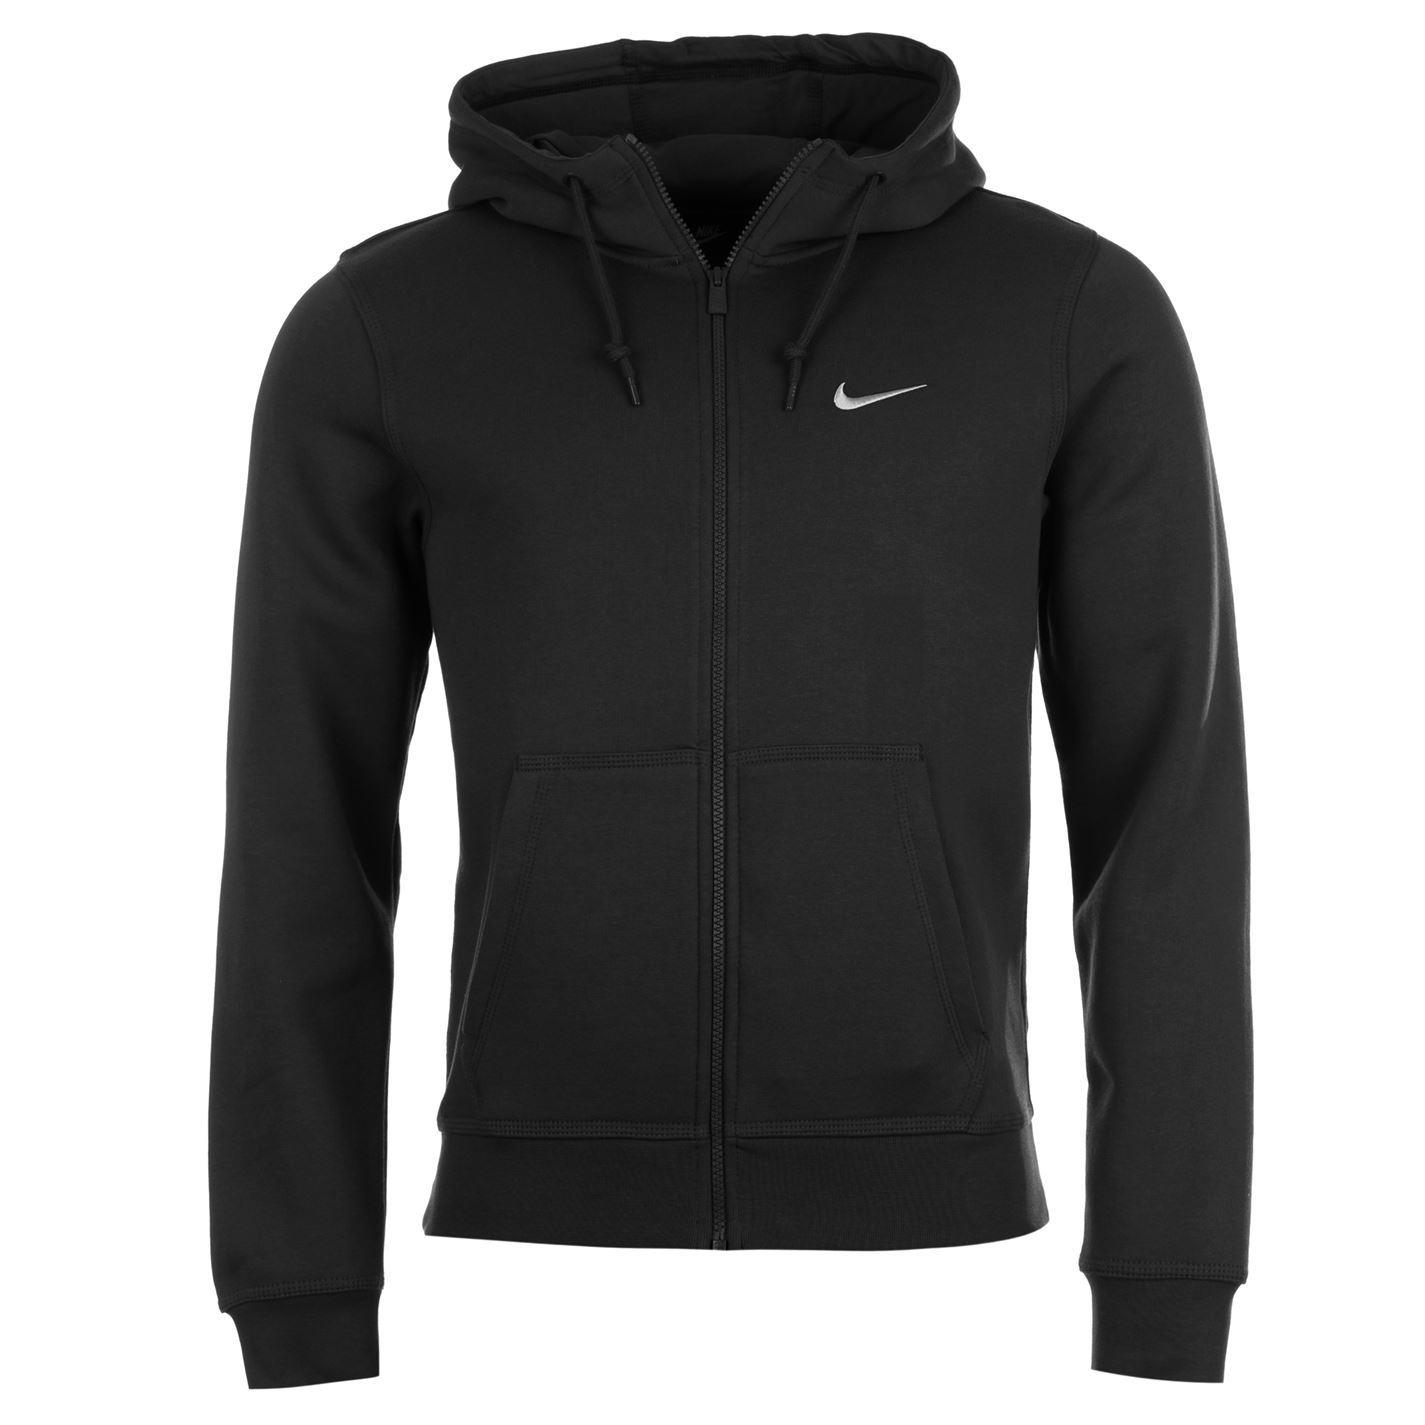 Nike-Fundamentals-Full-Zip-Hoody-Jacket-Mens-Hoodie-Sweatshirt-Sweater-Top thumbnail 3